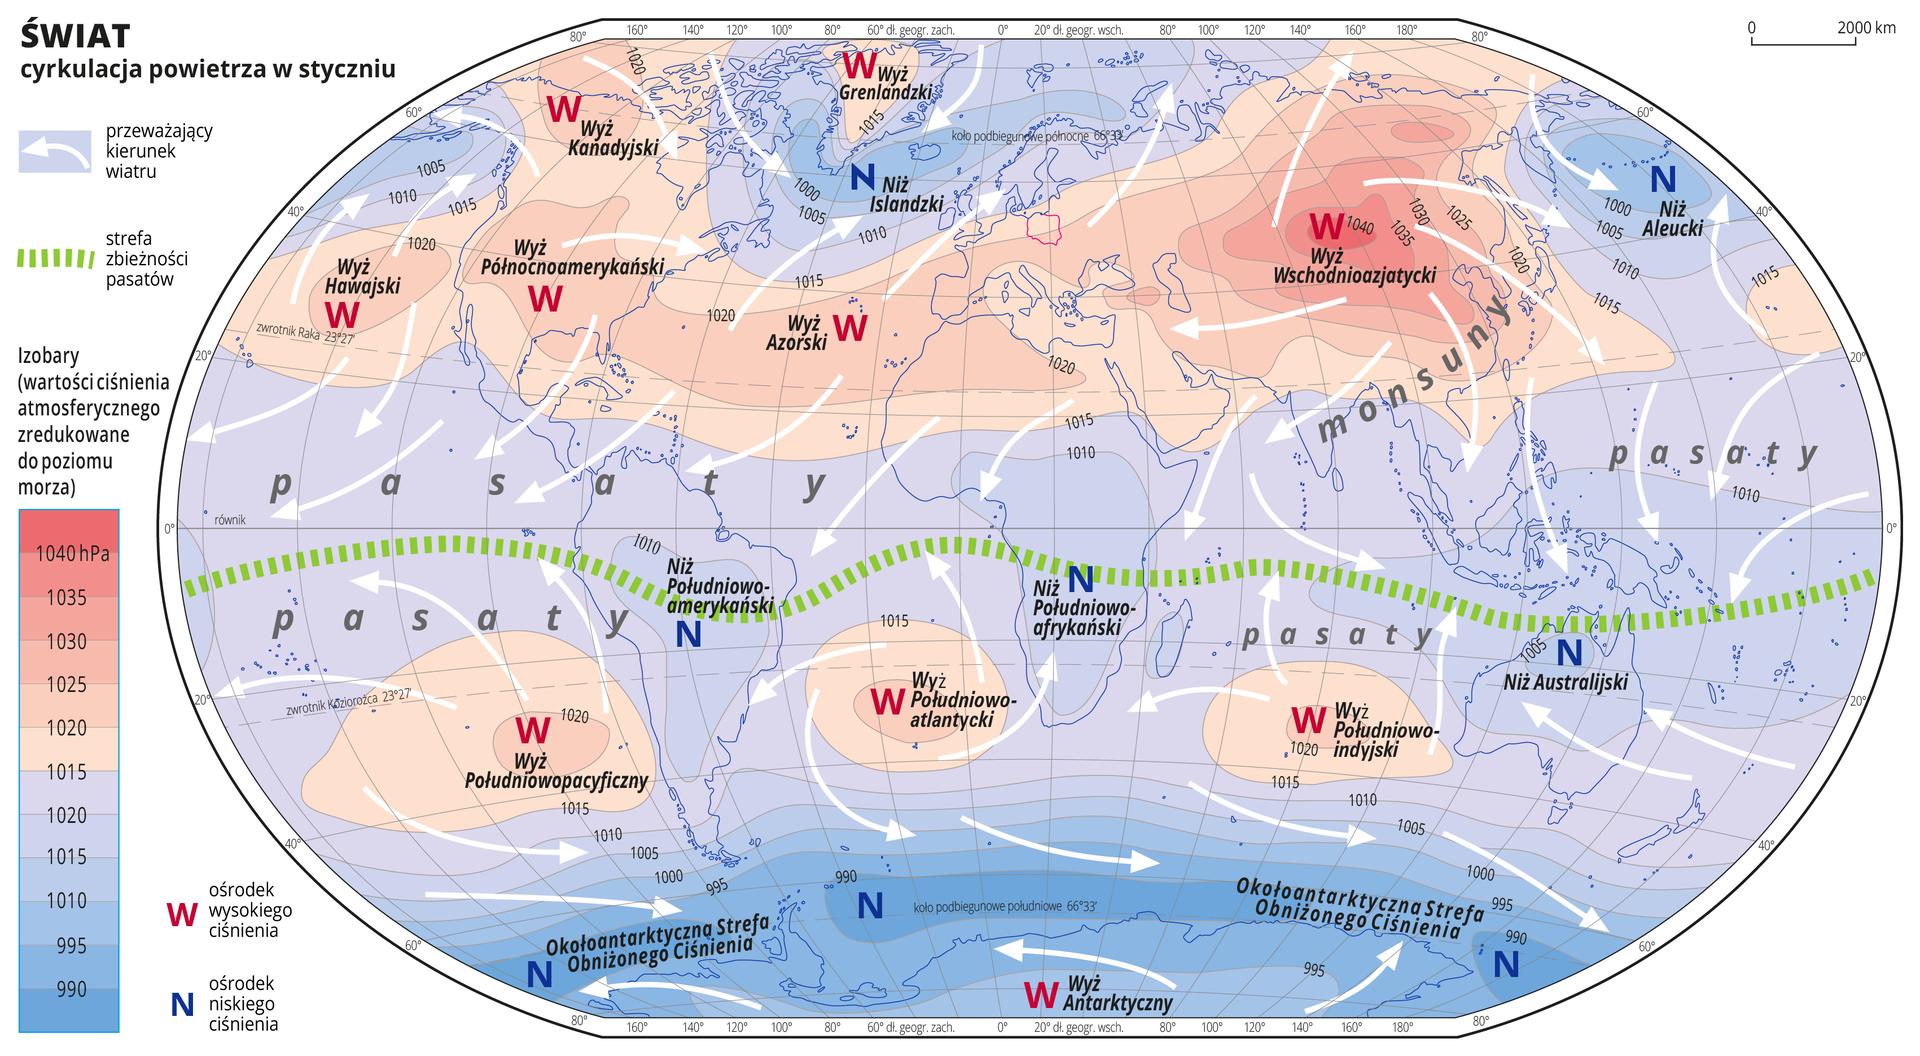 Ilustracja przedstawia mapę świata iobrazuje cyrkulację powietrza wstyczniu. Na mapie kolorami zaznaczono wartości ciśnienia atmosferycznego zredukowane do poziomu morza. Odcienie koloru czerwonego oznaczają obszary owysokim ciśnieniu, odcienie koloru niebieskiego oznaczają obszary oniskim ciśnieniu. Obszary owysokim ciśnieniu położone są wAmeryce Północnej, na Grenlandii, wpółnocnej, środkowej iwschodniej części Azji oraz na oceanach wpobliżu obu zwrotników. Obszary oniskim ciśnieniu atmosferycznym położone są na Antarktydzie iotaczających ją wodach aż do krańcowych punktów Ameryki Południowej, Afryki iAustralii, obejmują całą Amerykę Południową, środkową ipołudniową część Afryki , Australię iOceanię, Islandię iAleuty. Czerwonymi literami Wopisano ośrodki wysokiego ciśnienia, niebieskimi literami Nopisano ośrodki niskiego ciśnienia. Podano również nazwy ośrodków wysokiego iniskiego ciśnienia. Na mapie opisano izobary co pięć hektopaskali. Najniższa wartość wynosi dziewięćset dziewięćdziesiąt hektopaskali, najwyższa wartość wynosi tysiąc czterdzieści hektopaskali. Białymi strzałkami oznaczono przeważający kierunek wiatru. Układają się one wróżnych kierunkach. Zieloną przerywaną linią zaznaczono strefę zbieżności pasatów. Przebiega ona nieco poniżej równika. Opisano pasaty – wzdłuż strefy zbieżności pasatów oraz monsuny – na południowo-wschodnim wybrzeżu Azji. Mapa pokryta jest równoleżnikami ipołudnikami. Dookoła mapy wbiałej ramce opisano współrzędne geograficzne co dwadzieścia stopni. Po lewej stronie mapy wlegendzie umieszczono prostokątny pionowy pasek. Pasek podzielono na dwanaście części. Ugóry sześć odcieni koloru czerwonego od ciemnego do jasnego, na dole sześć odcieni koloru niebieskiego od jasnego do ciemnoniebieskiego. Linie pomiędzy odcieniami kolorów – izobary – opisano co pięć hektopaskali. Kolor czerwony oznacza obszary owysokim ciśnieniu – powyżej tysiąc piętnaście hektopaskali, kolor niebieski oznacza obszary oniskim ciśnieniu.